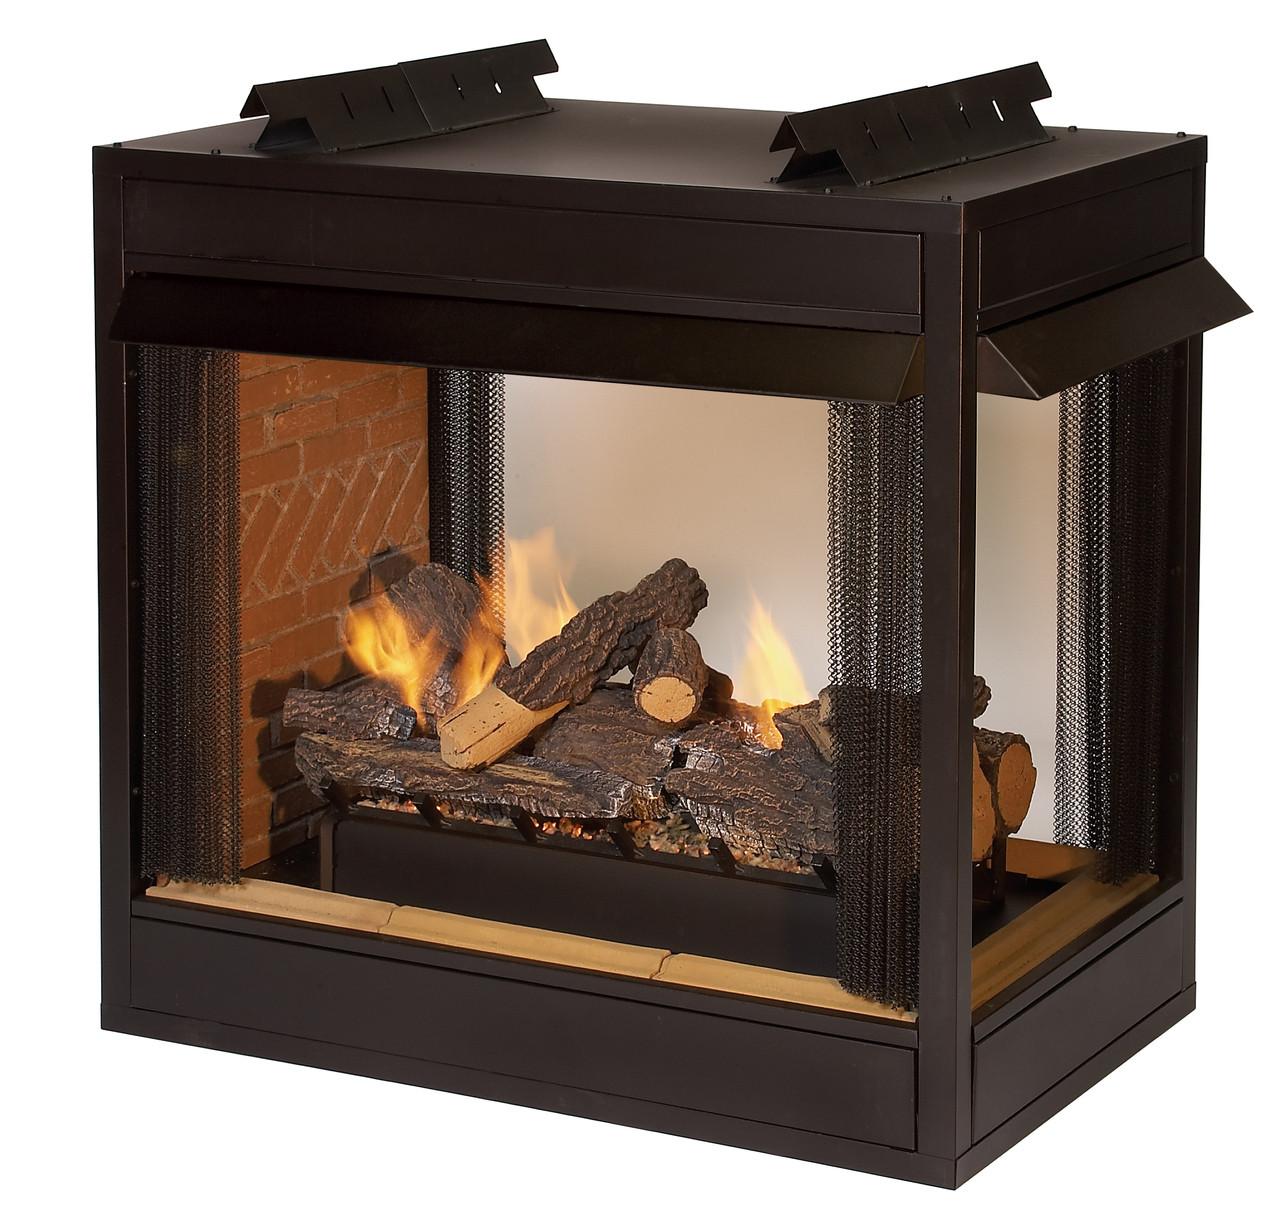 Empire Breckenridge Vent-Free Premium 36 Peninsula Firebox - VFP36PB2